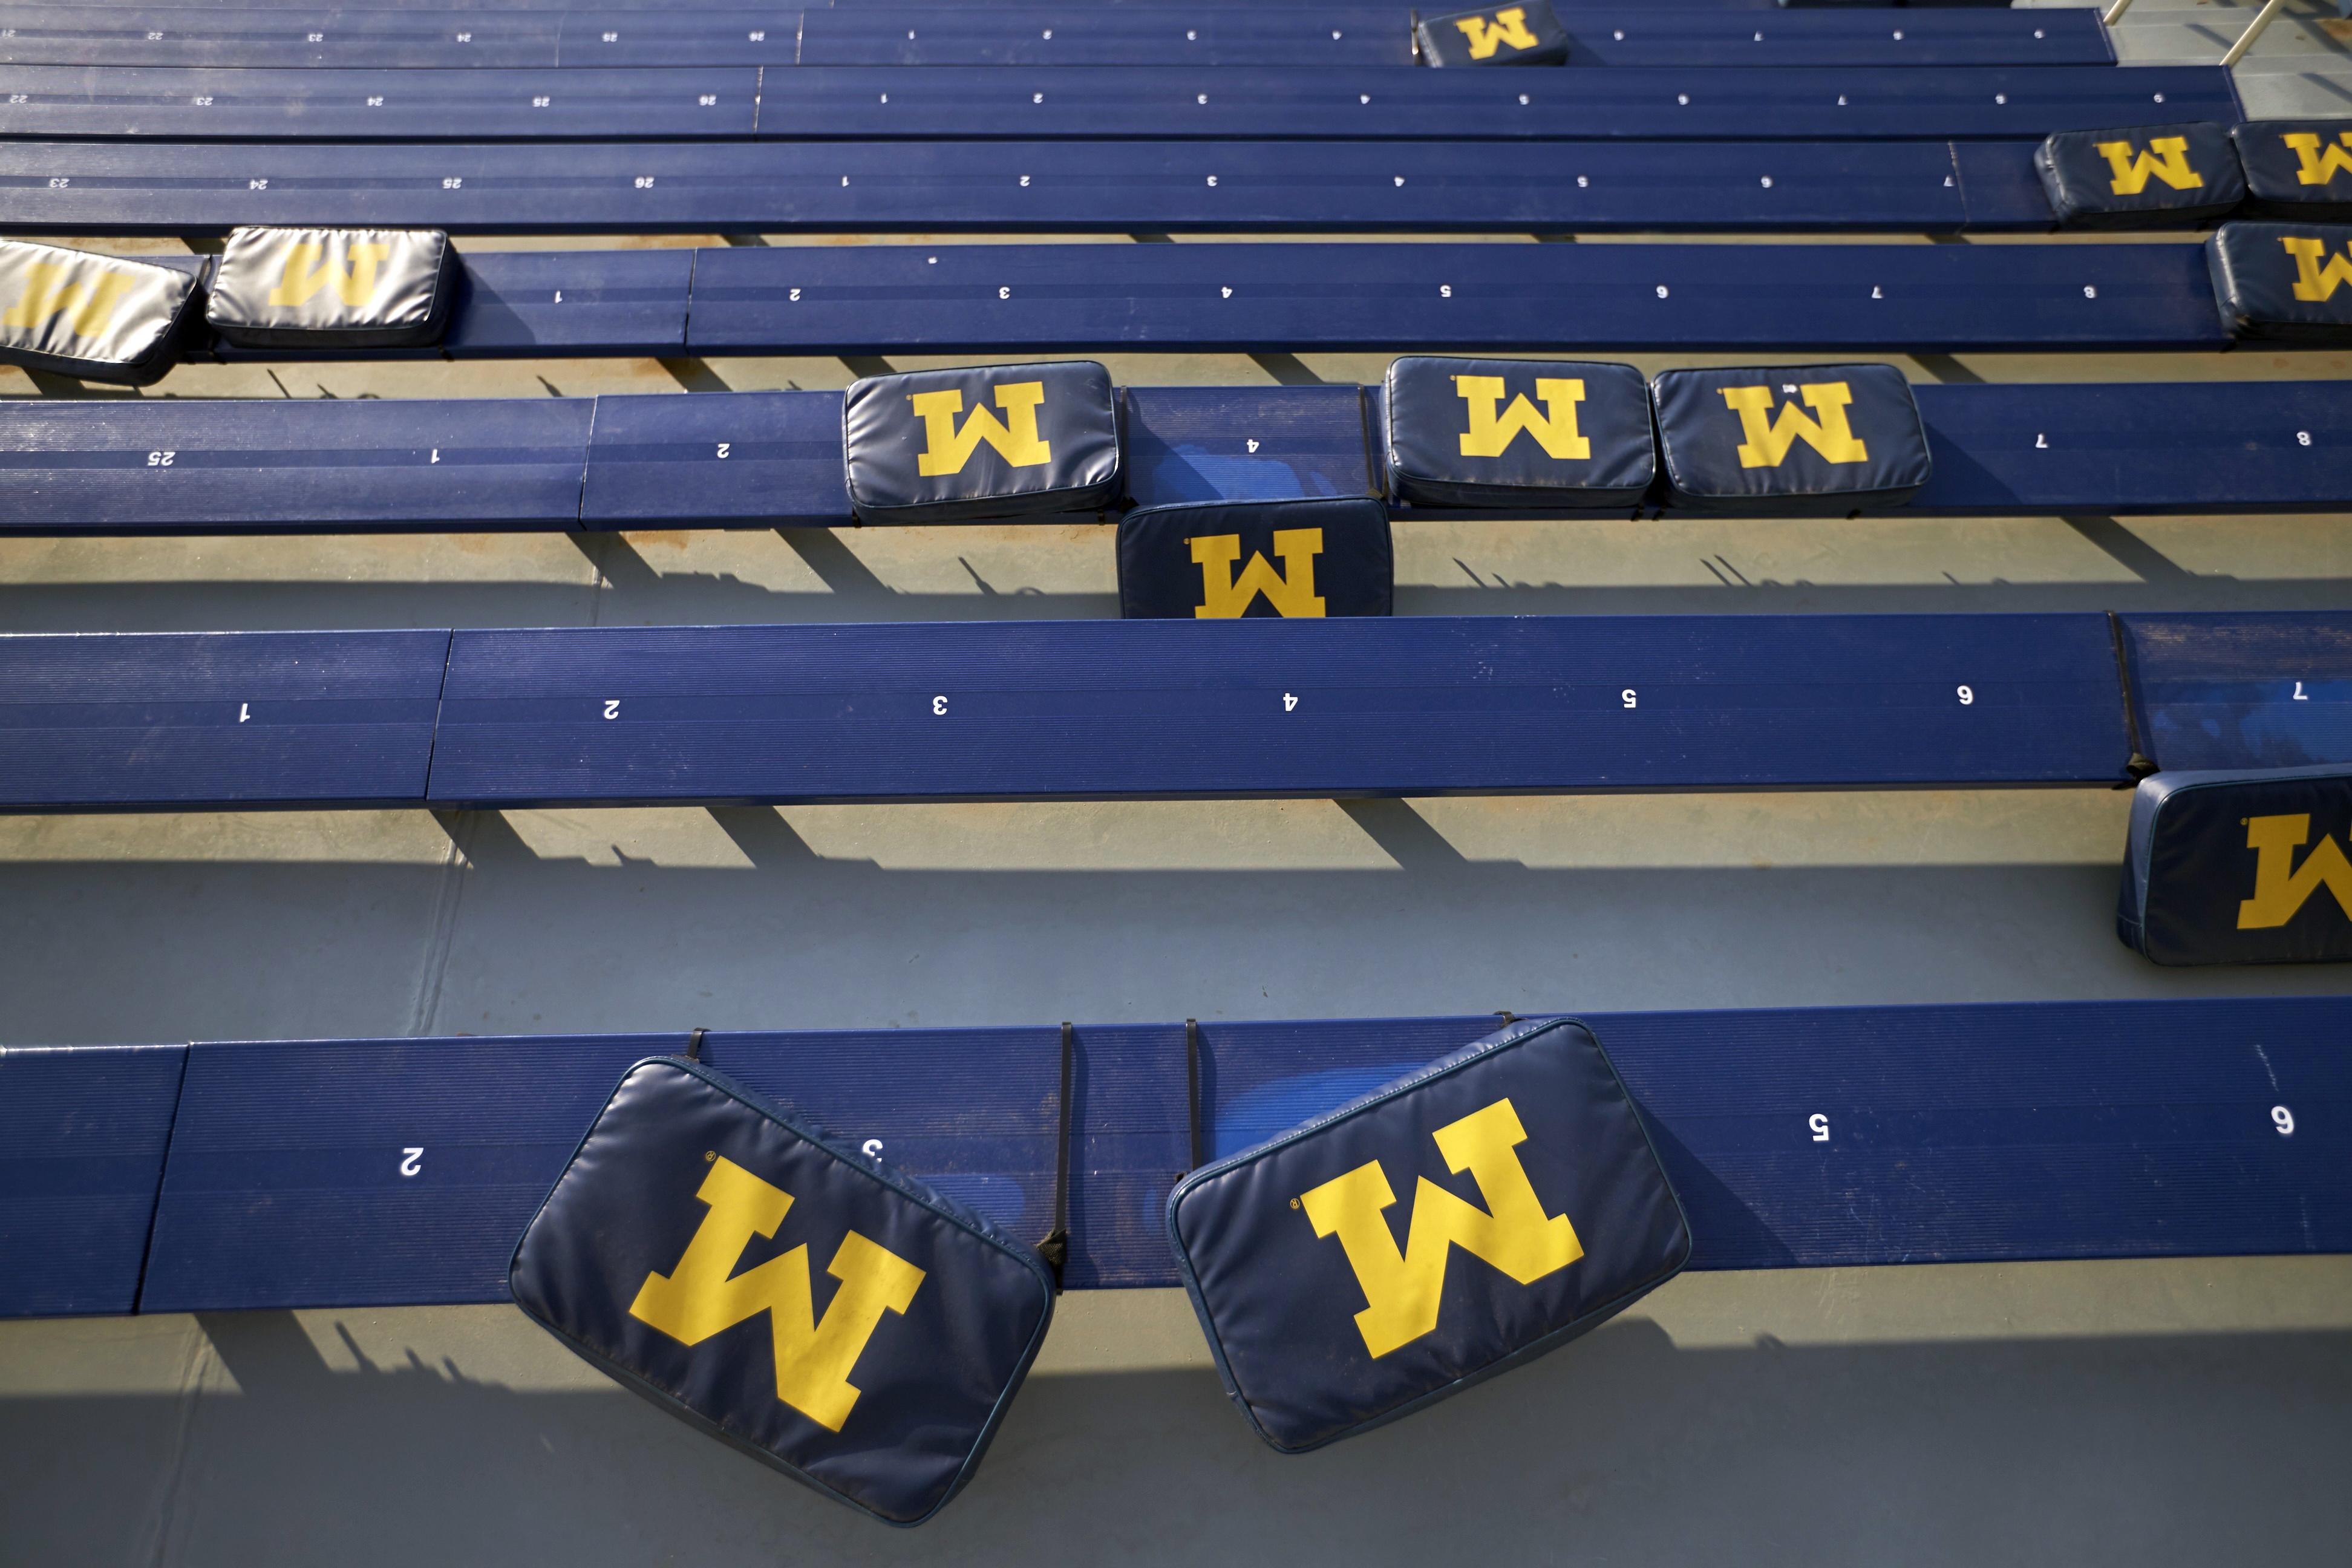 Bleachers at Michigan Stadium.